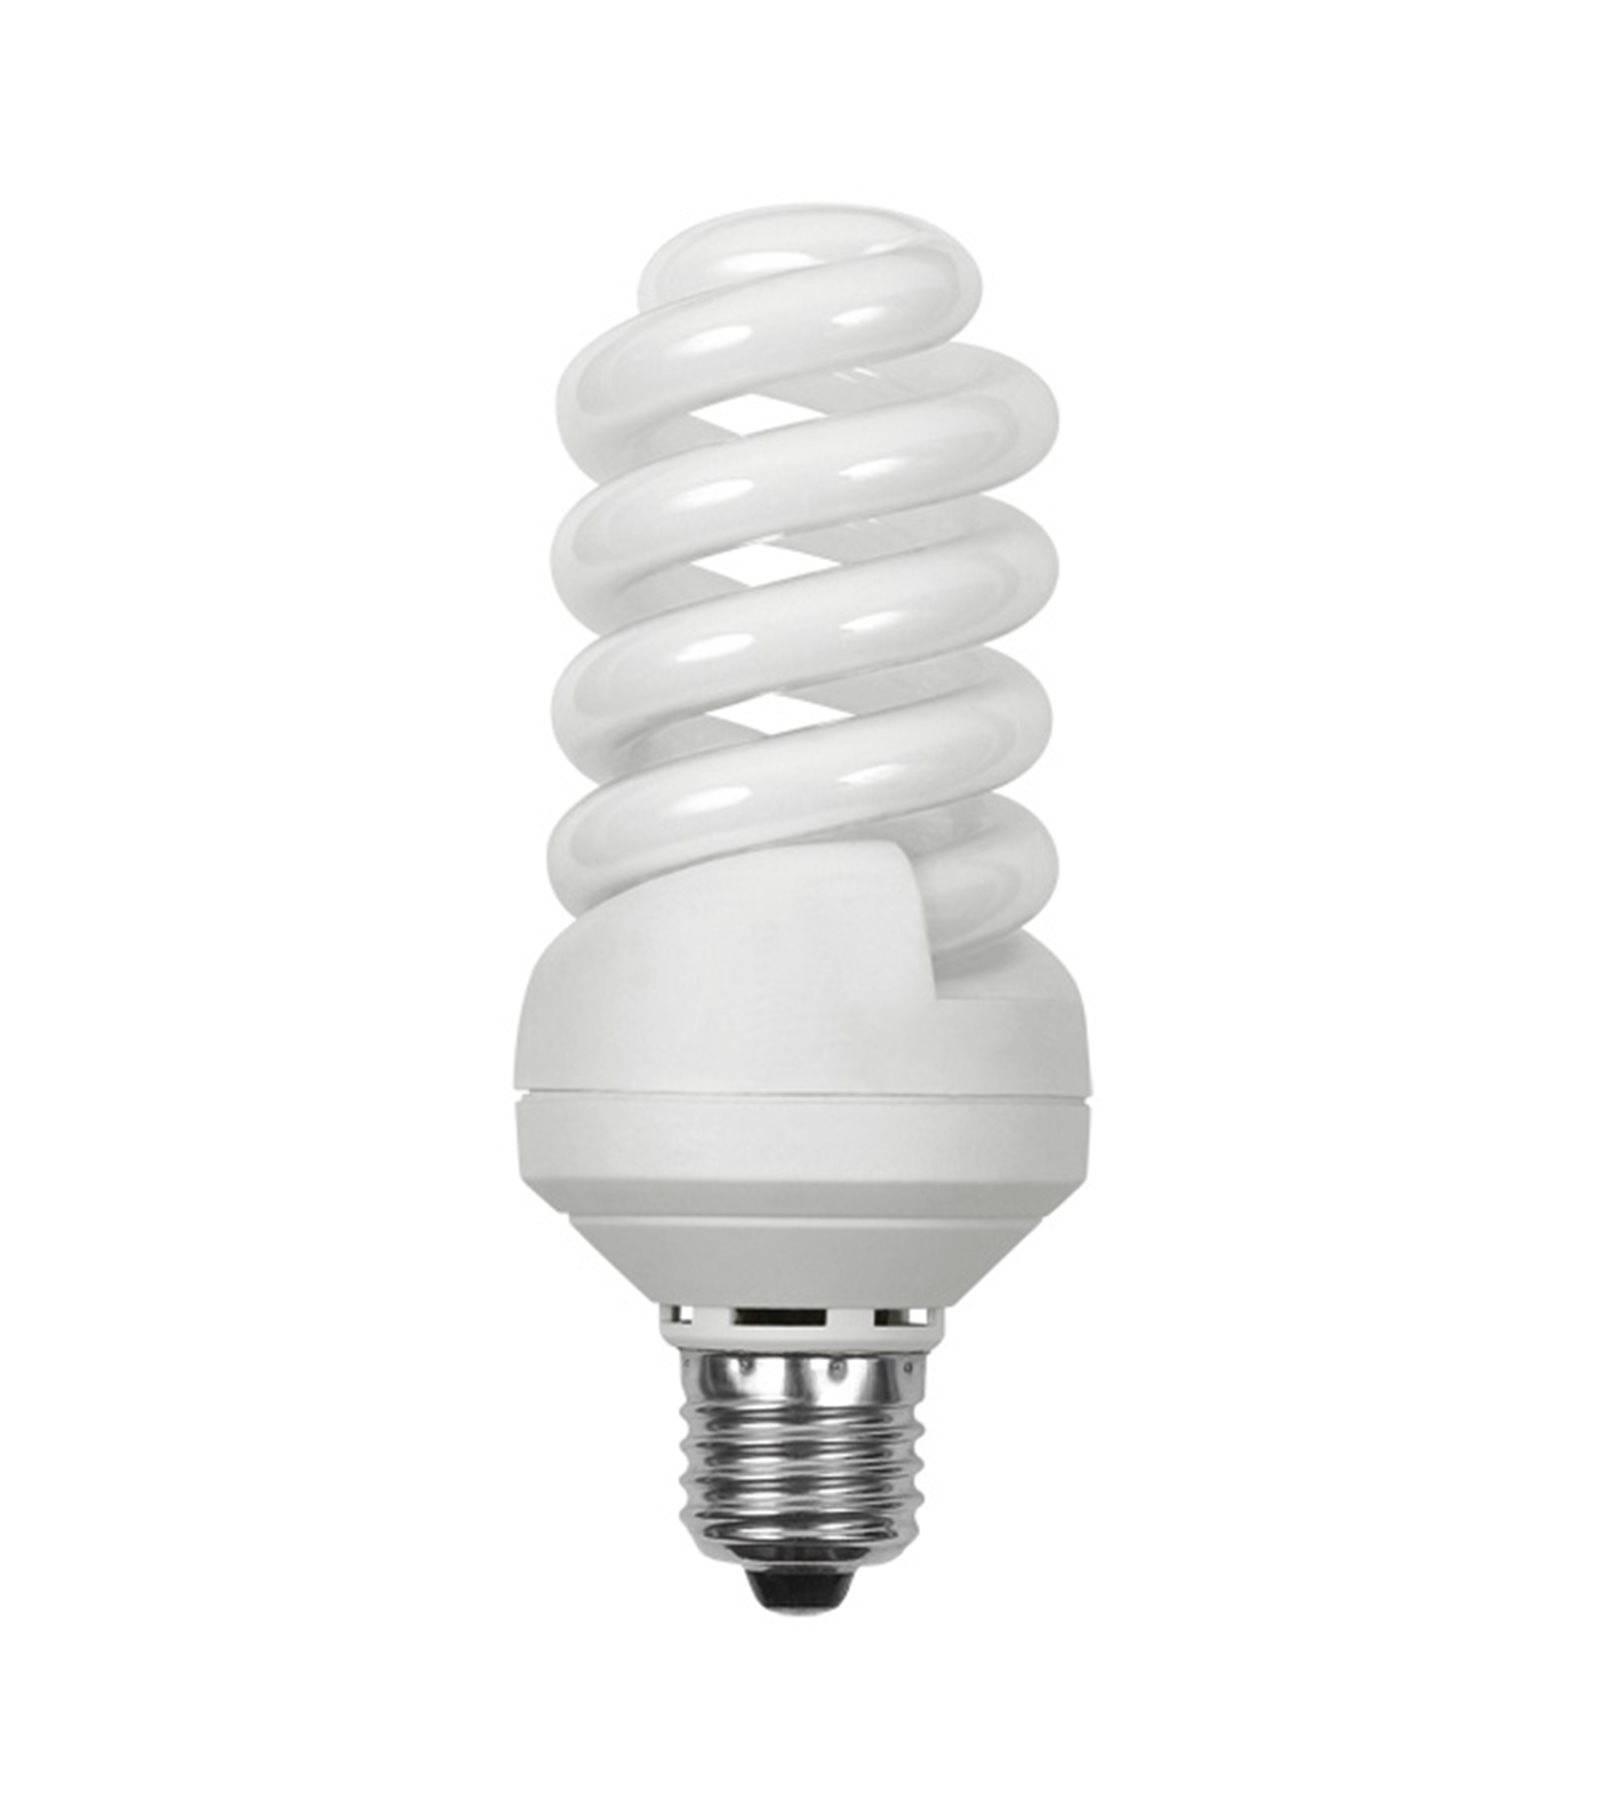 ampoule fluocompacte basse consommation e27 spirale 24w 1450lm quiv 103w blanc neutre kanlux. Black Bedroom Furniture Sets. Home Design Ideas